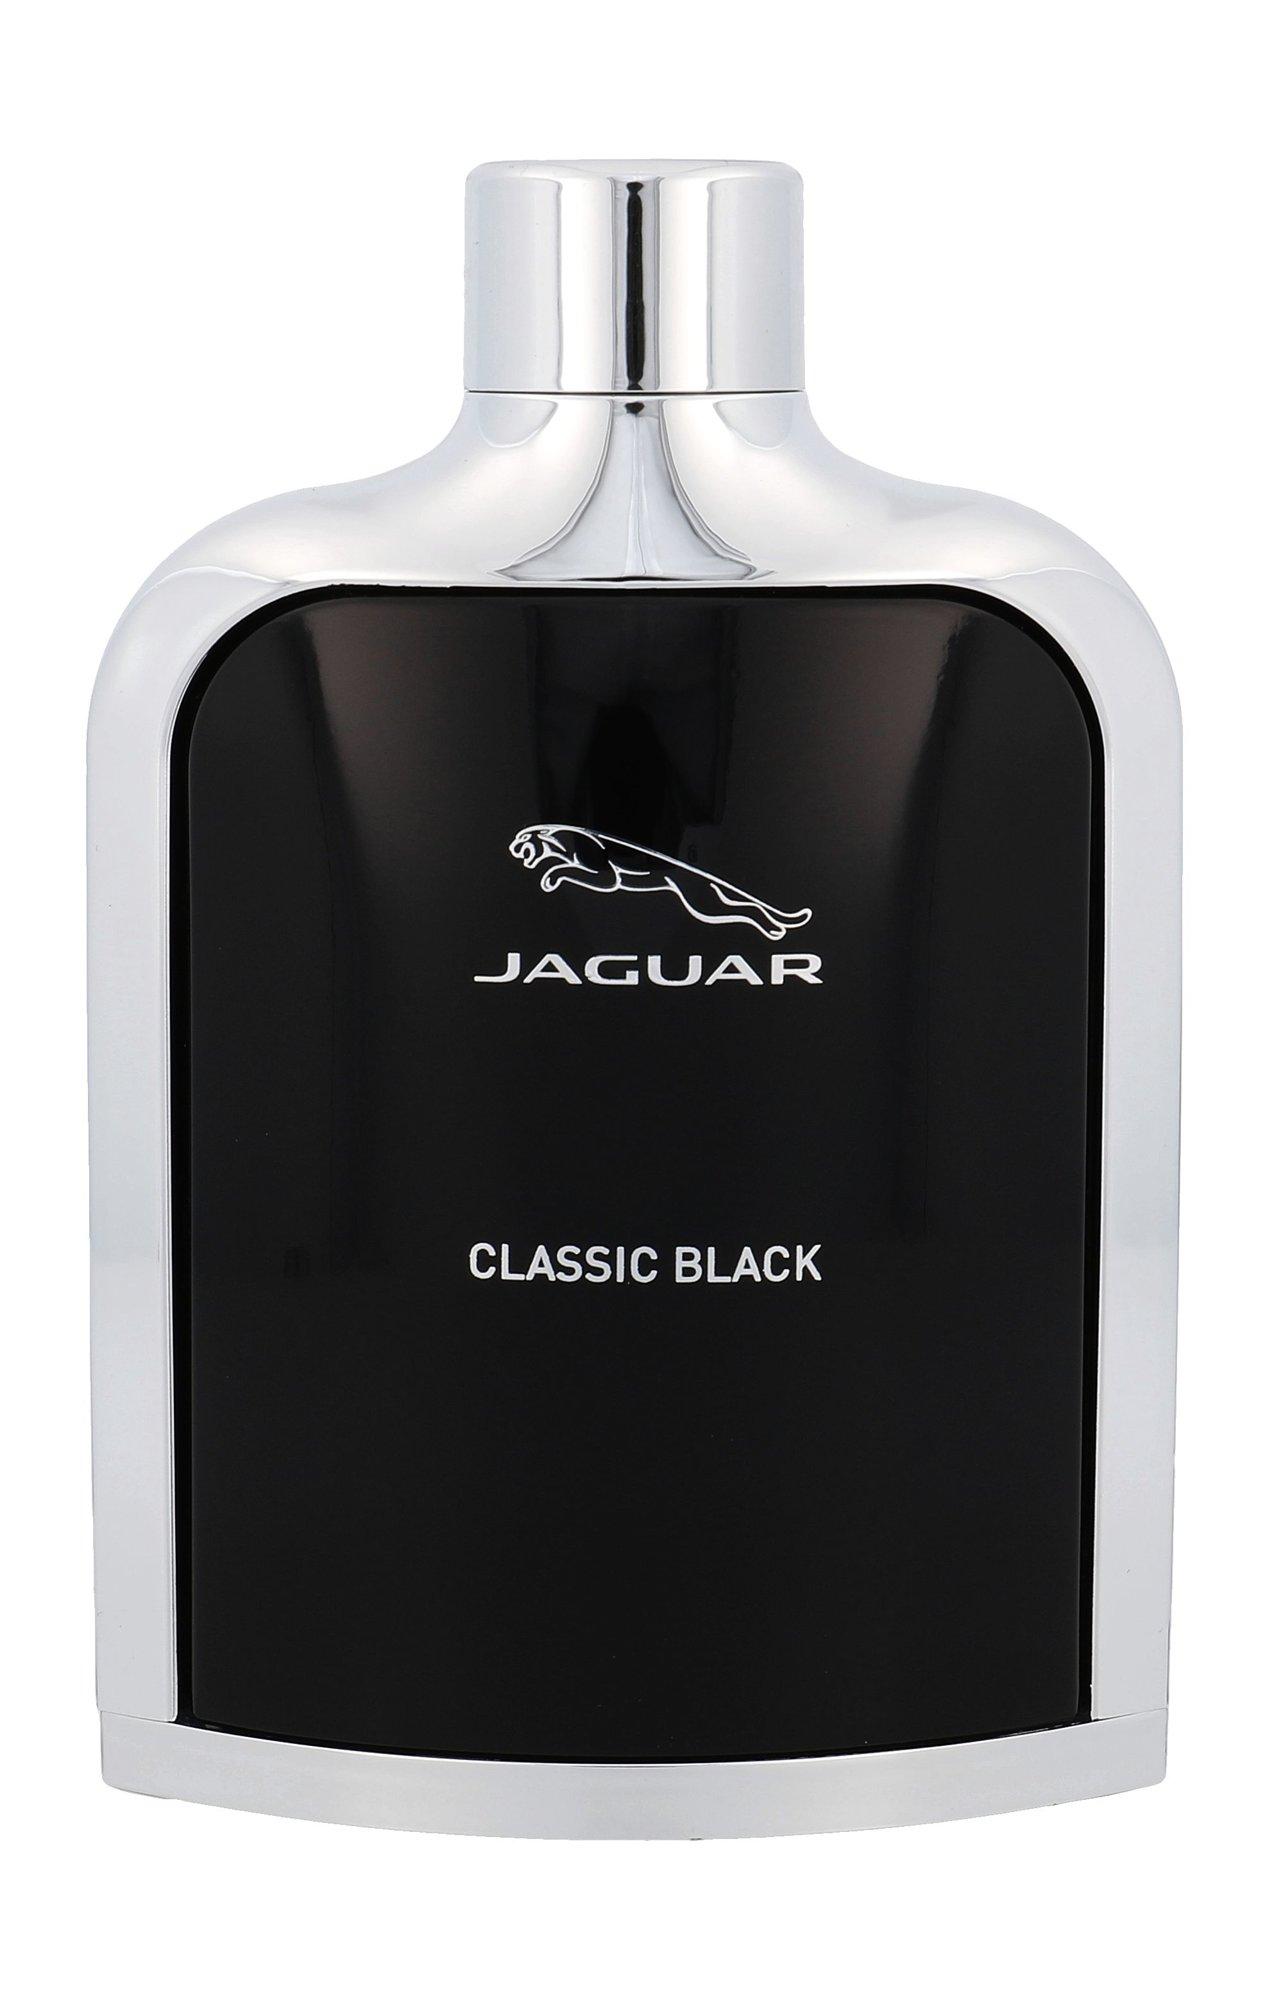 Jaguar Classic Black Eau de Toilette 100ml